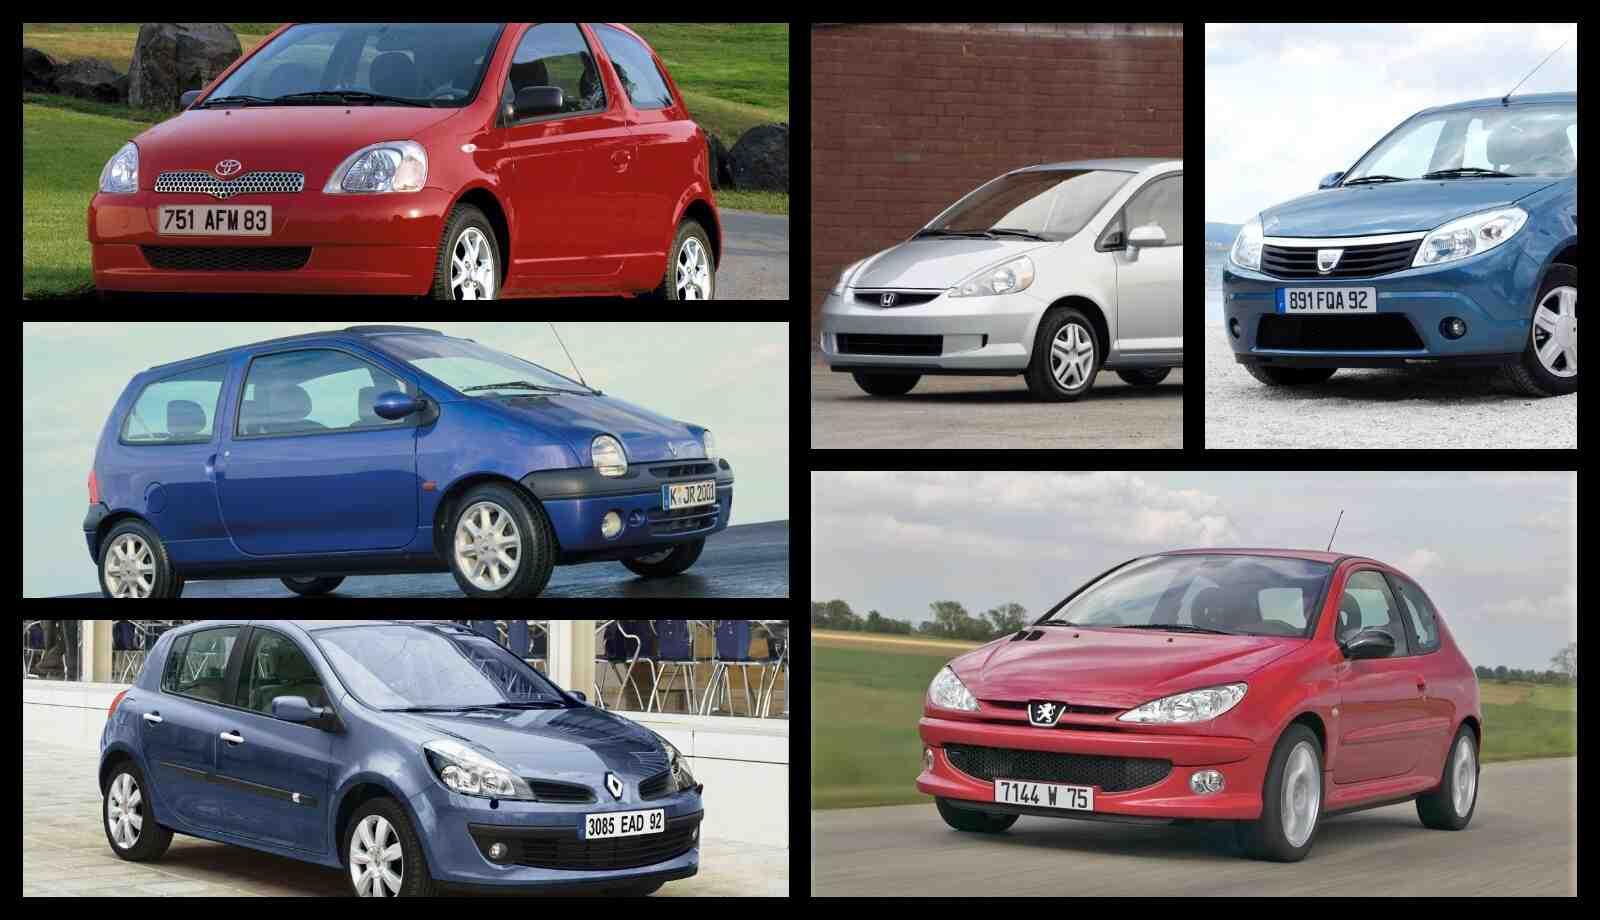 Quelle est la marque de voiture la moins fiable?